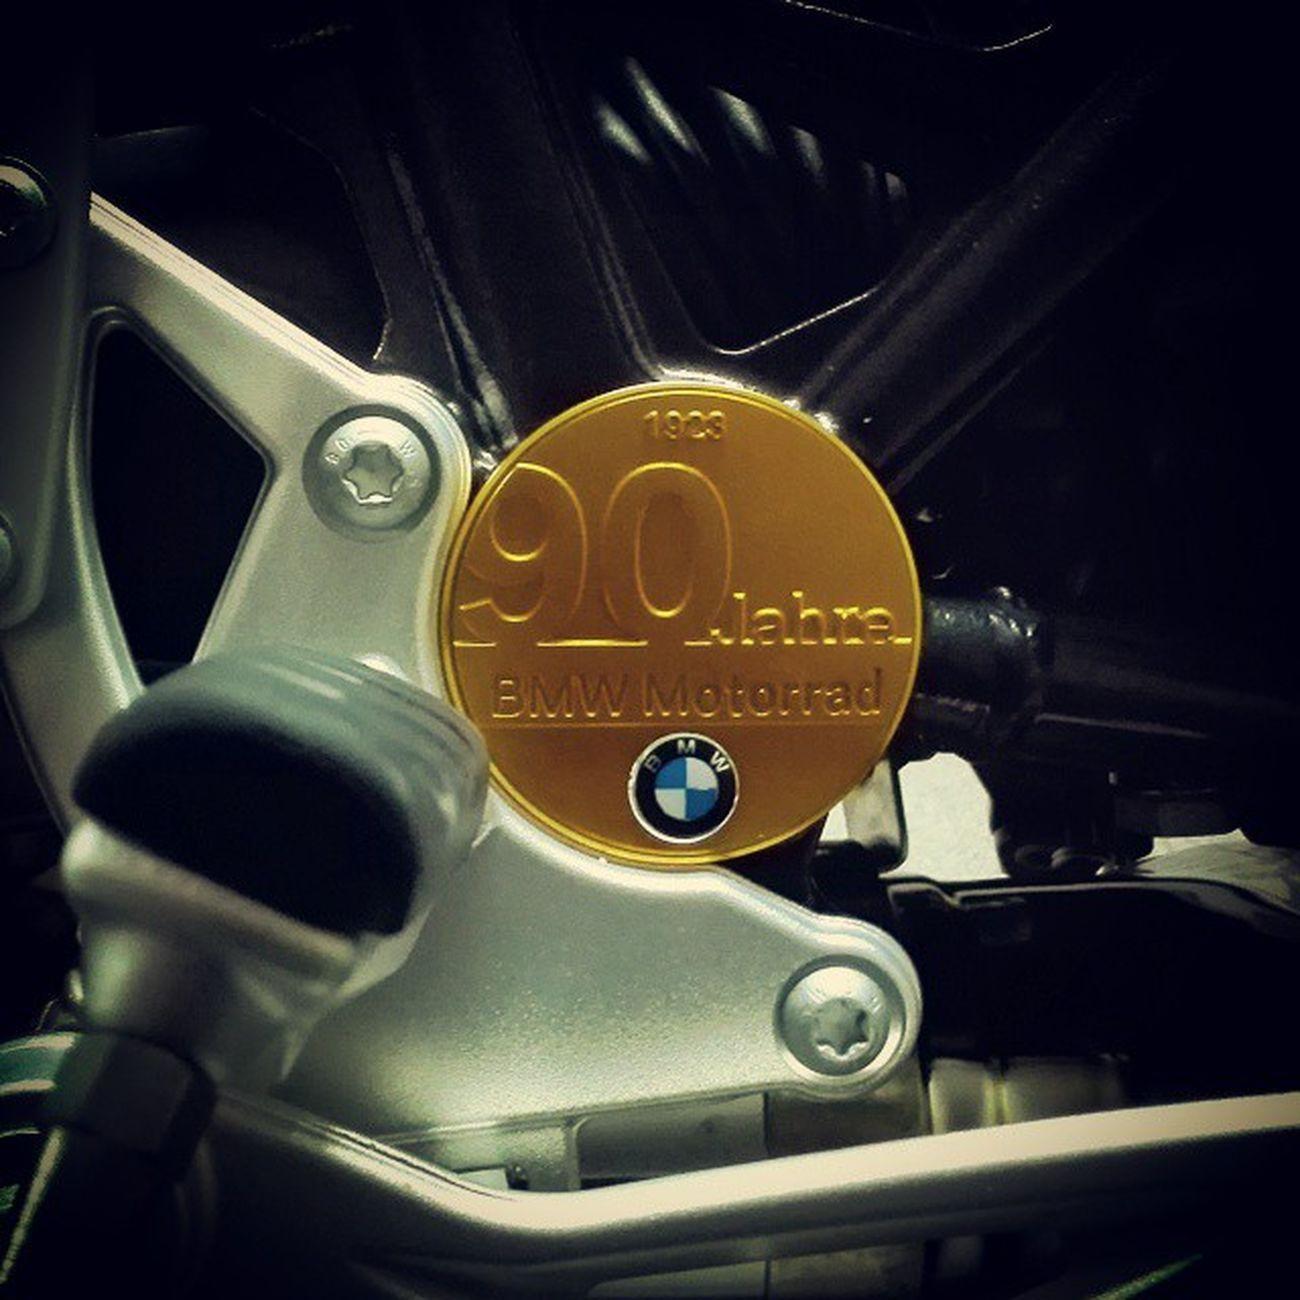 90JahreBMWmotorrad Rninet R9t Ninet BMWMotorrad Bmwmotorradpt